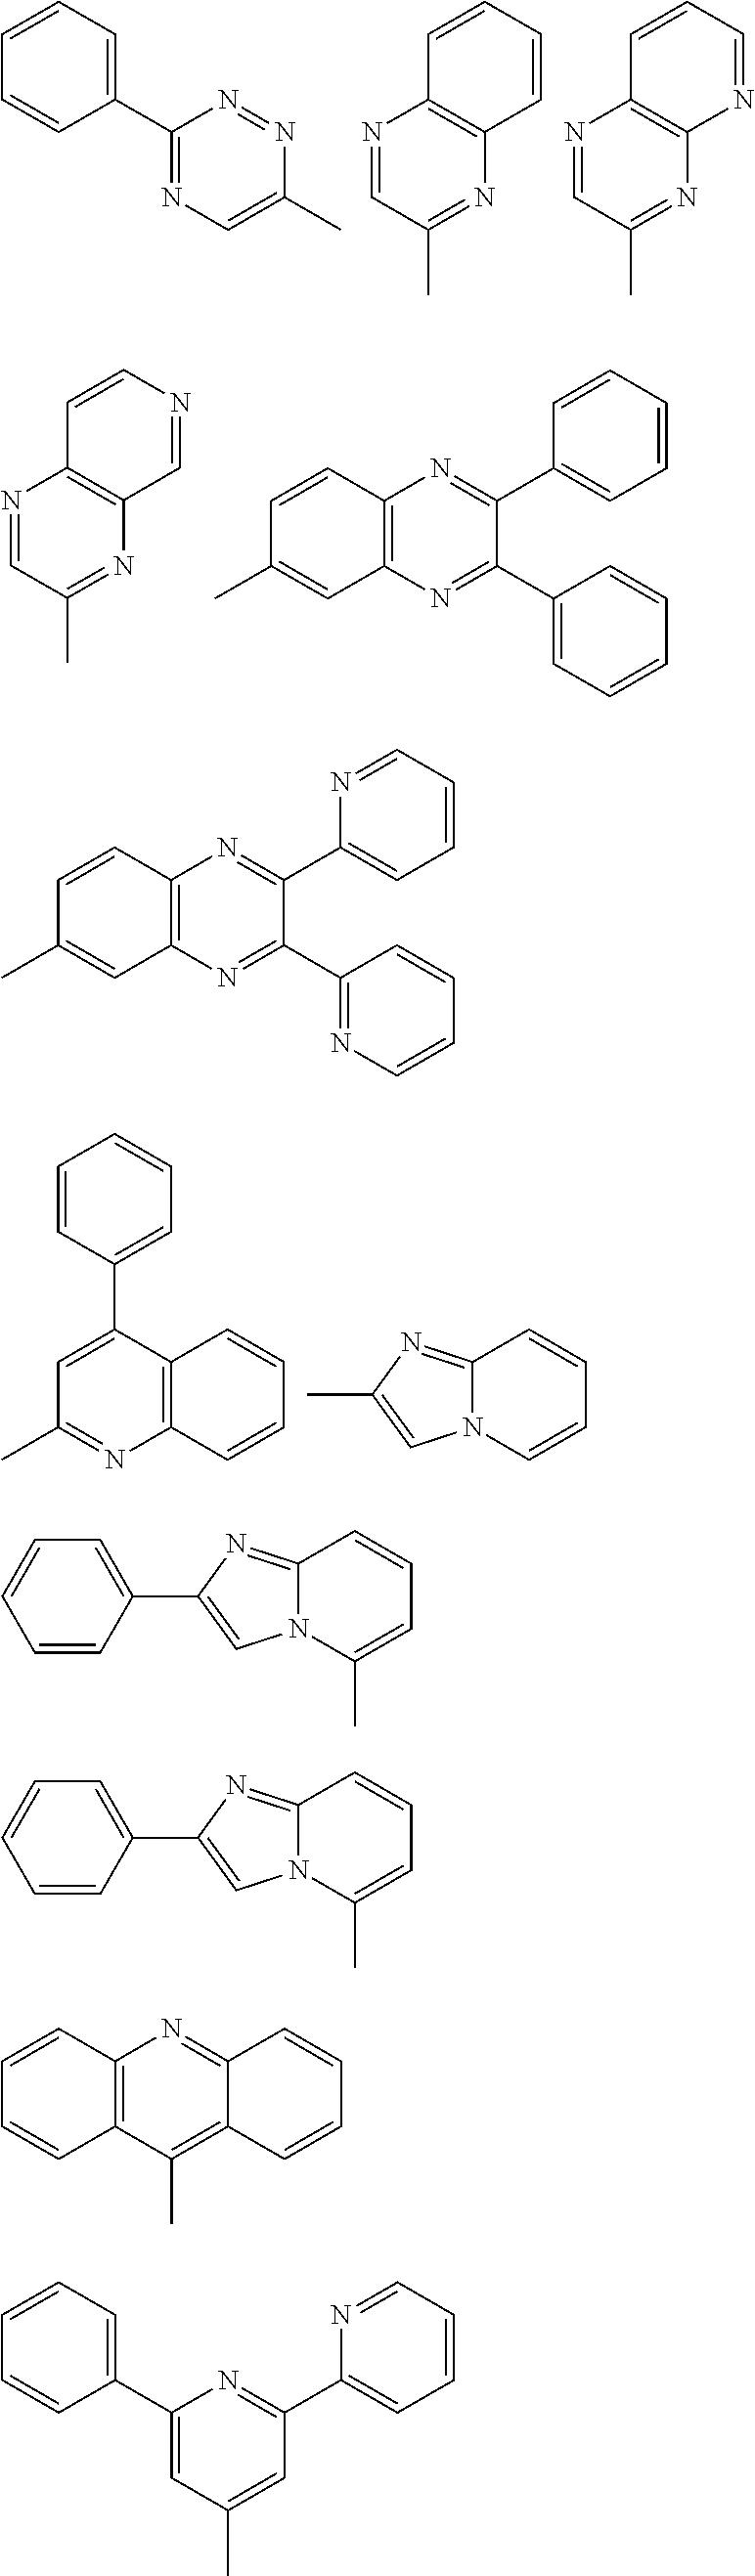 Figure US08568903-20131029-C00057